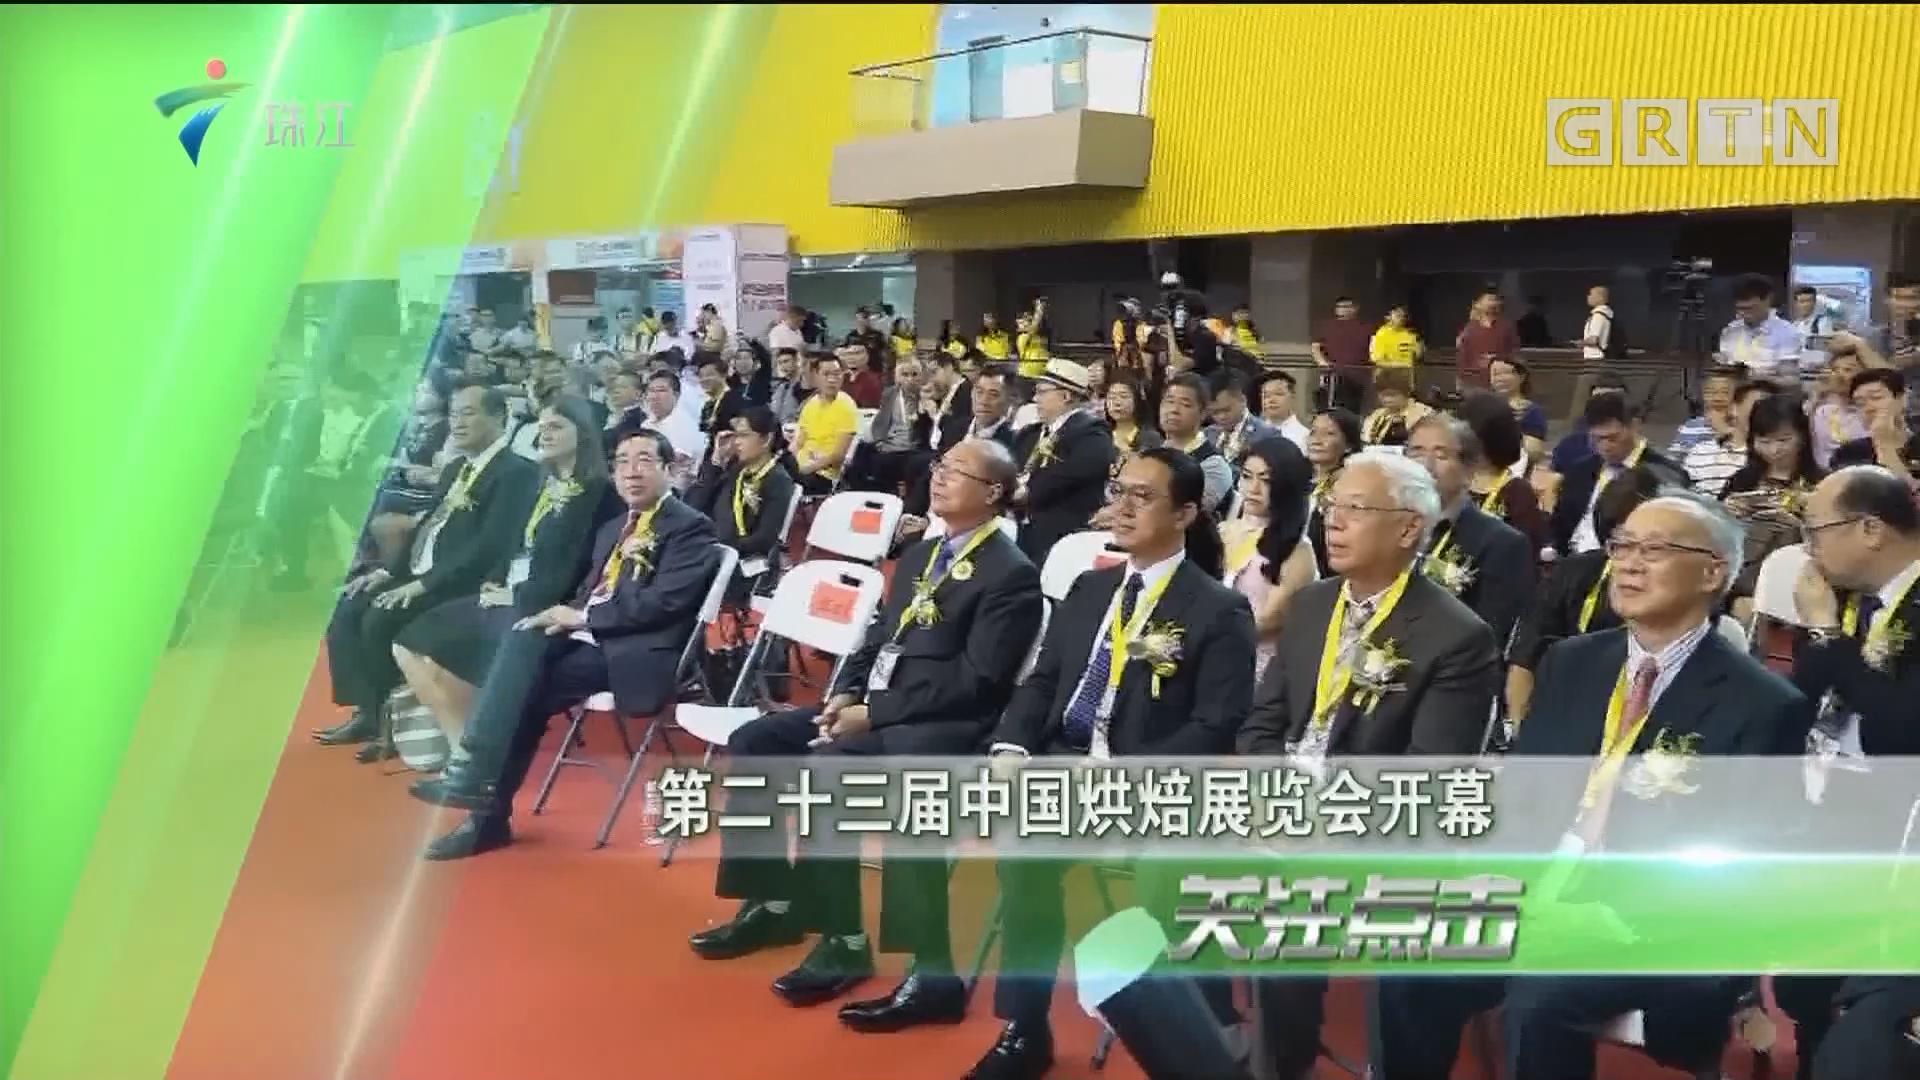 第二十三届中国烘焙展览会开幕